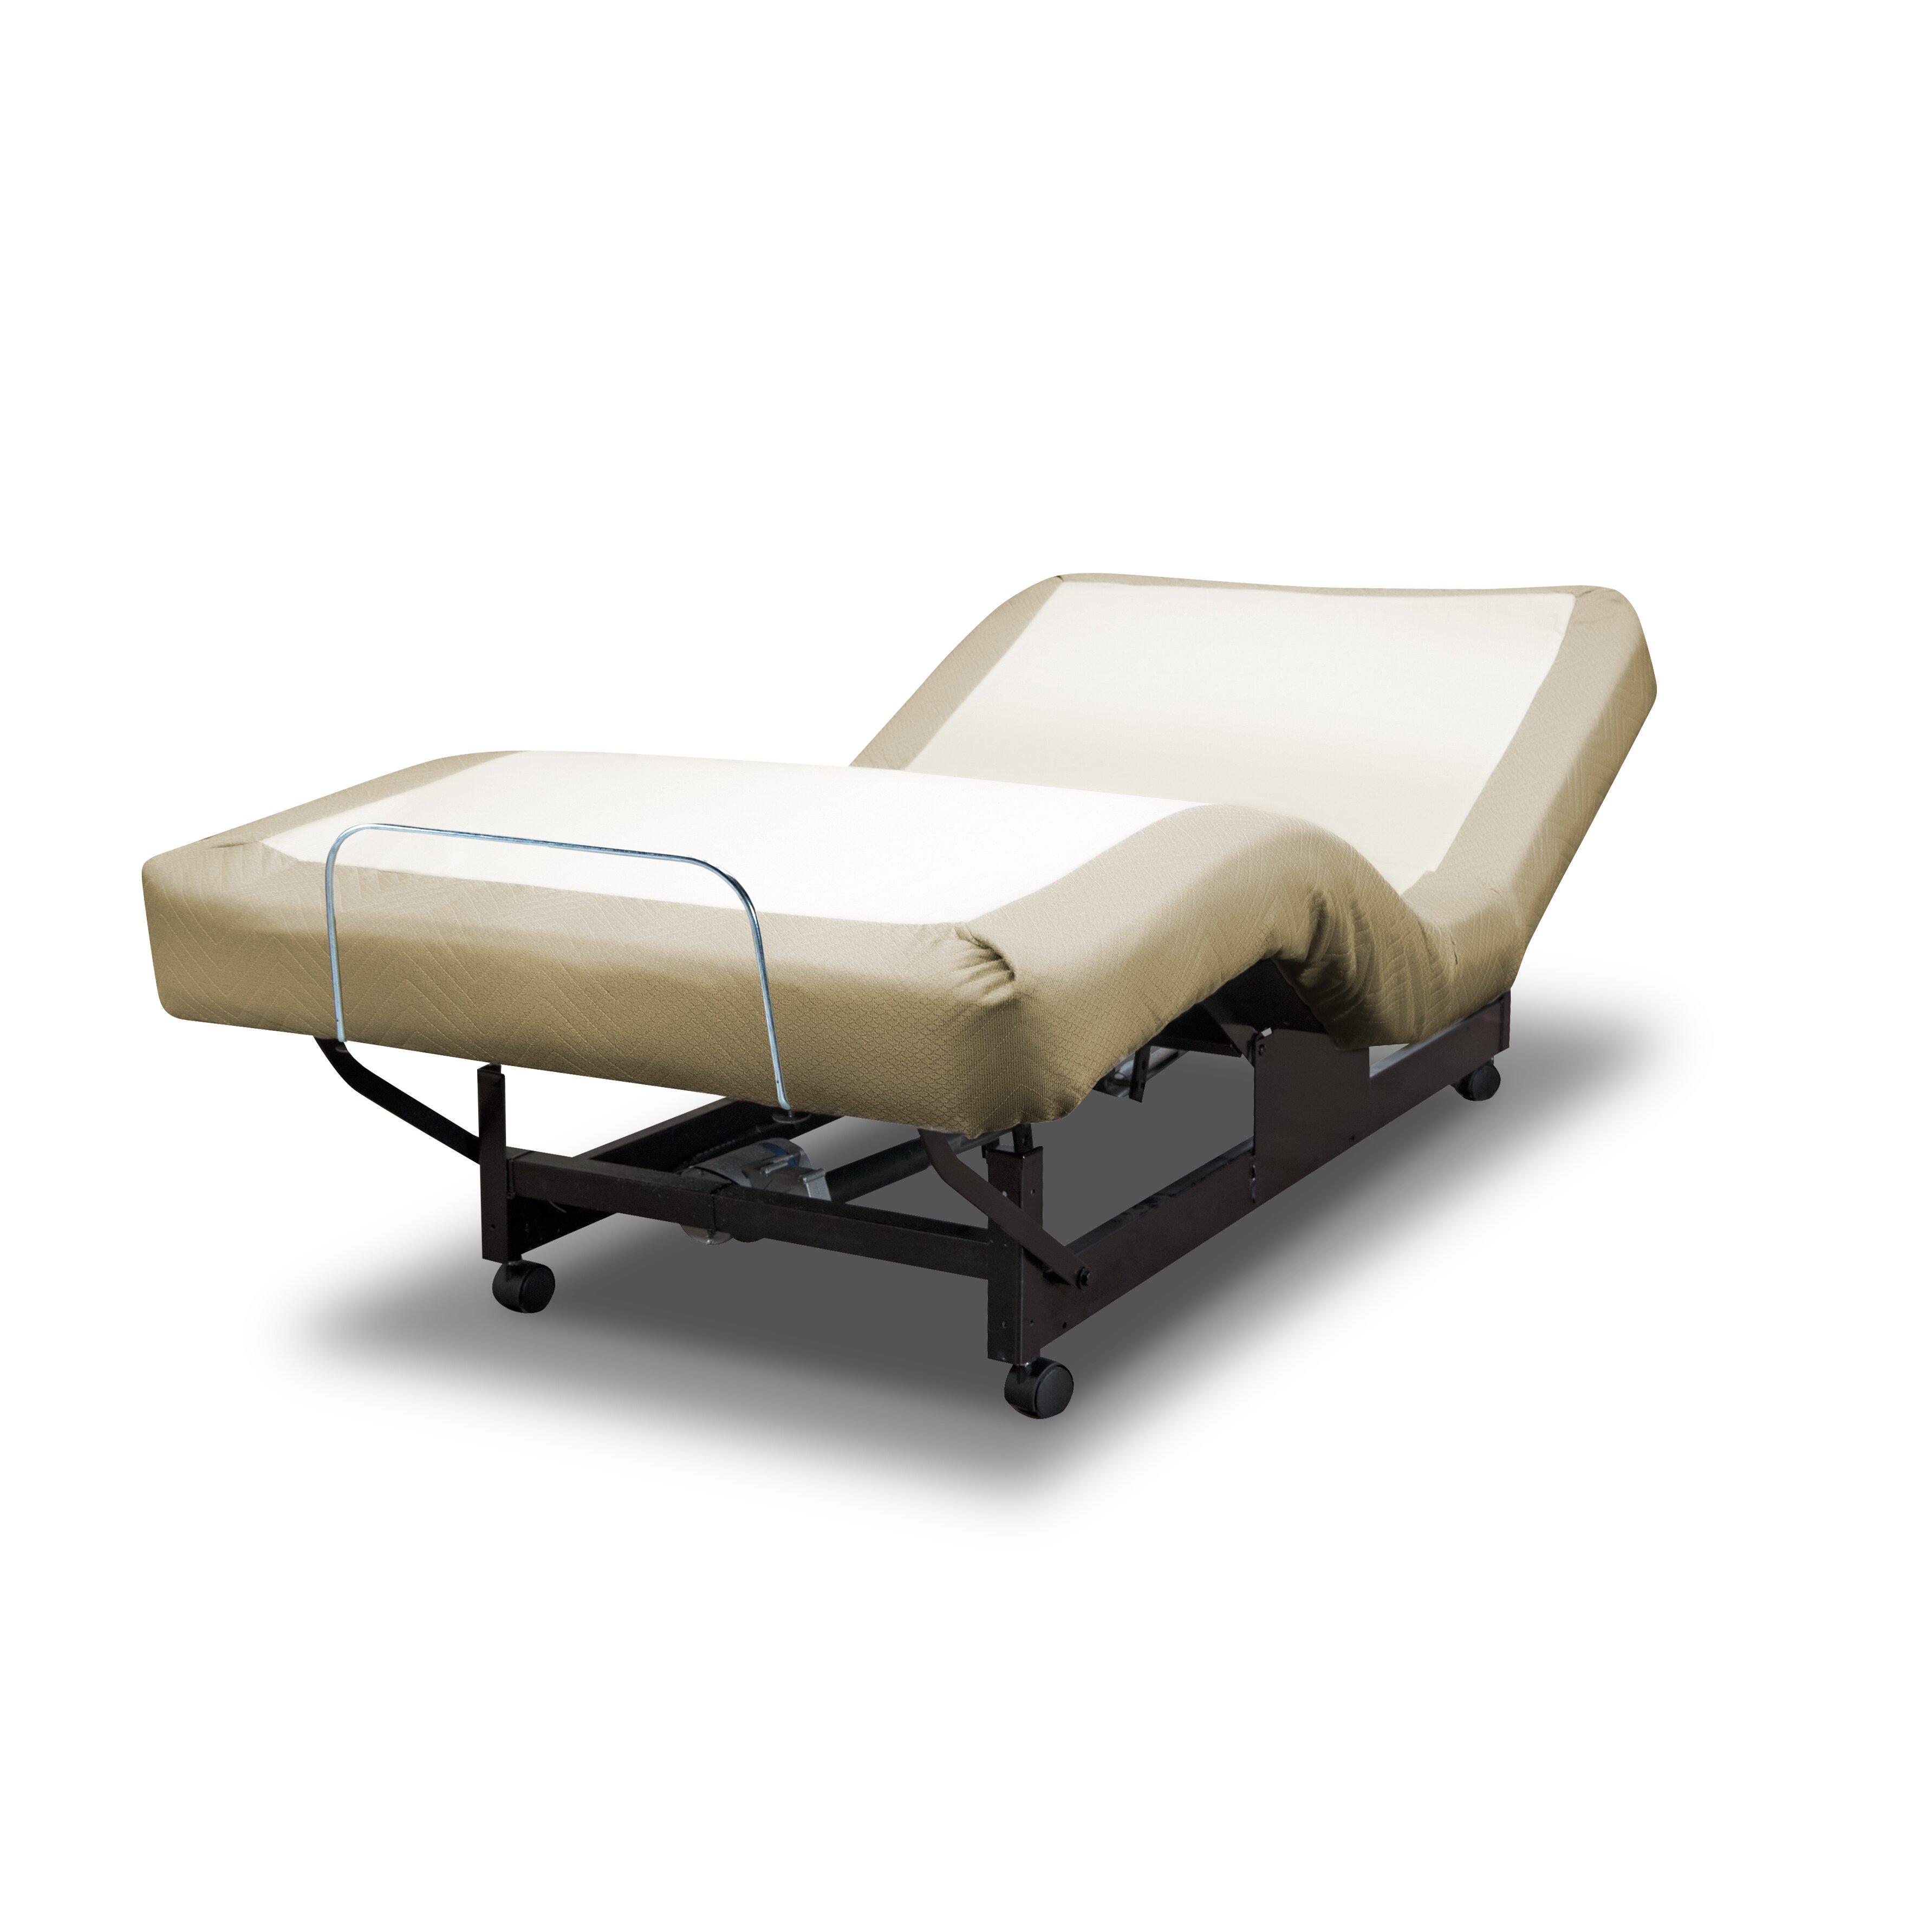 Med Lift Standard Adjustable Bed Amp Reviews Wayfair